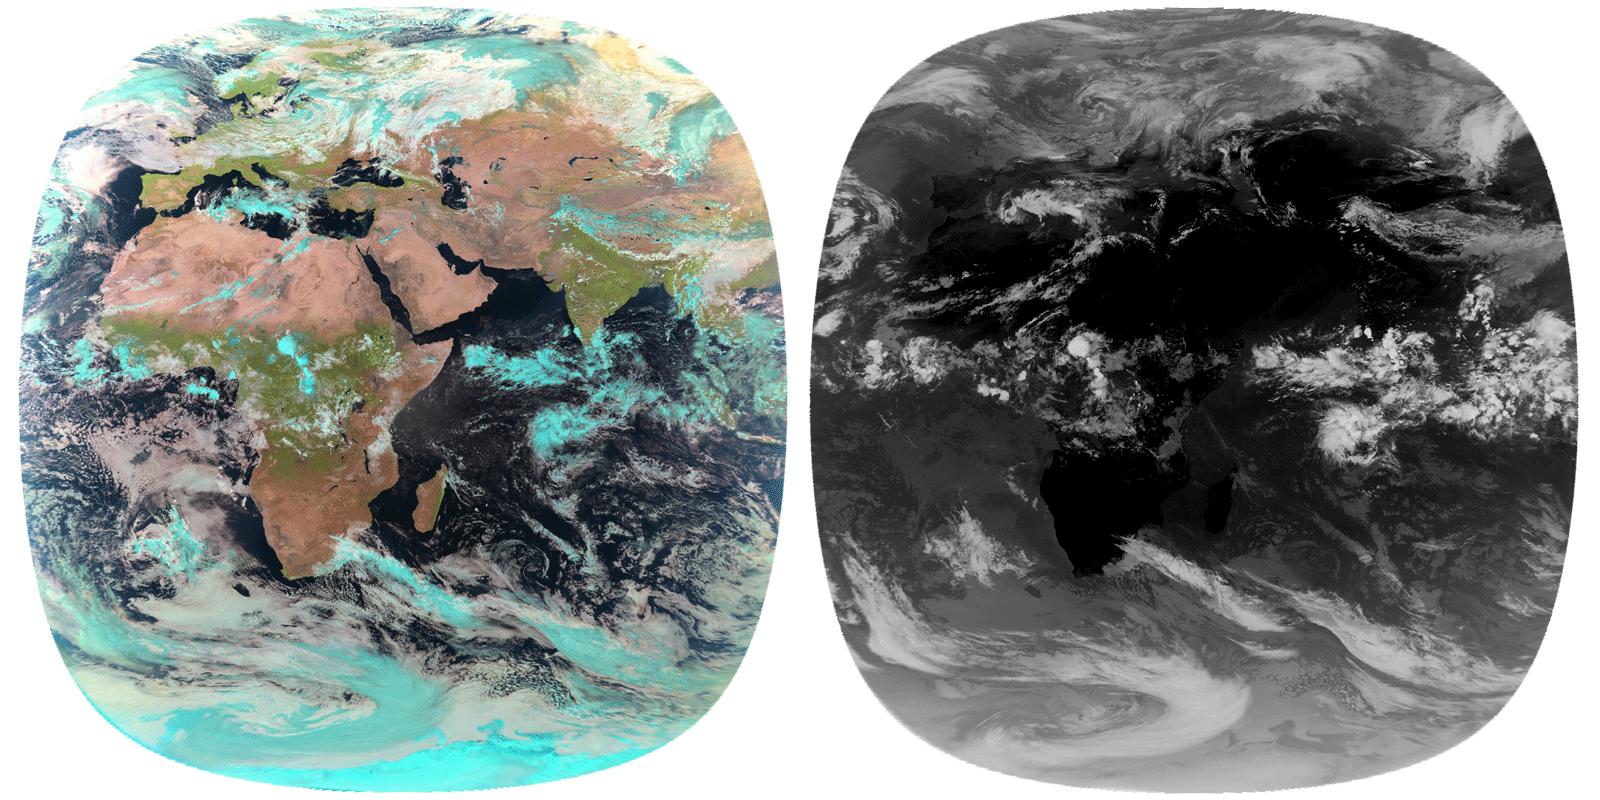 Как Яндекс создал глобальный прогноз осадков с использованием радаров и спутников - 1